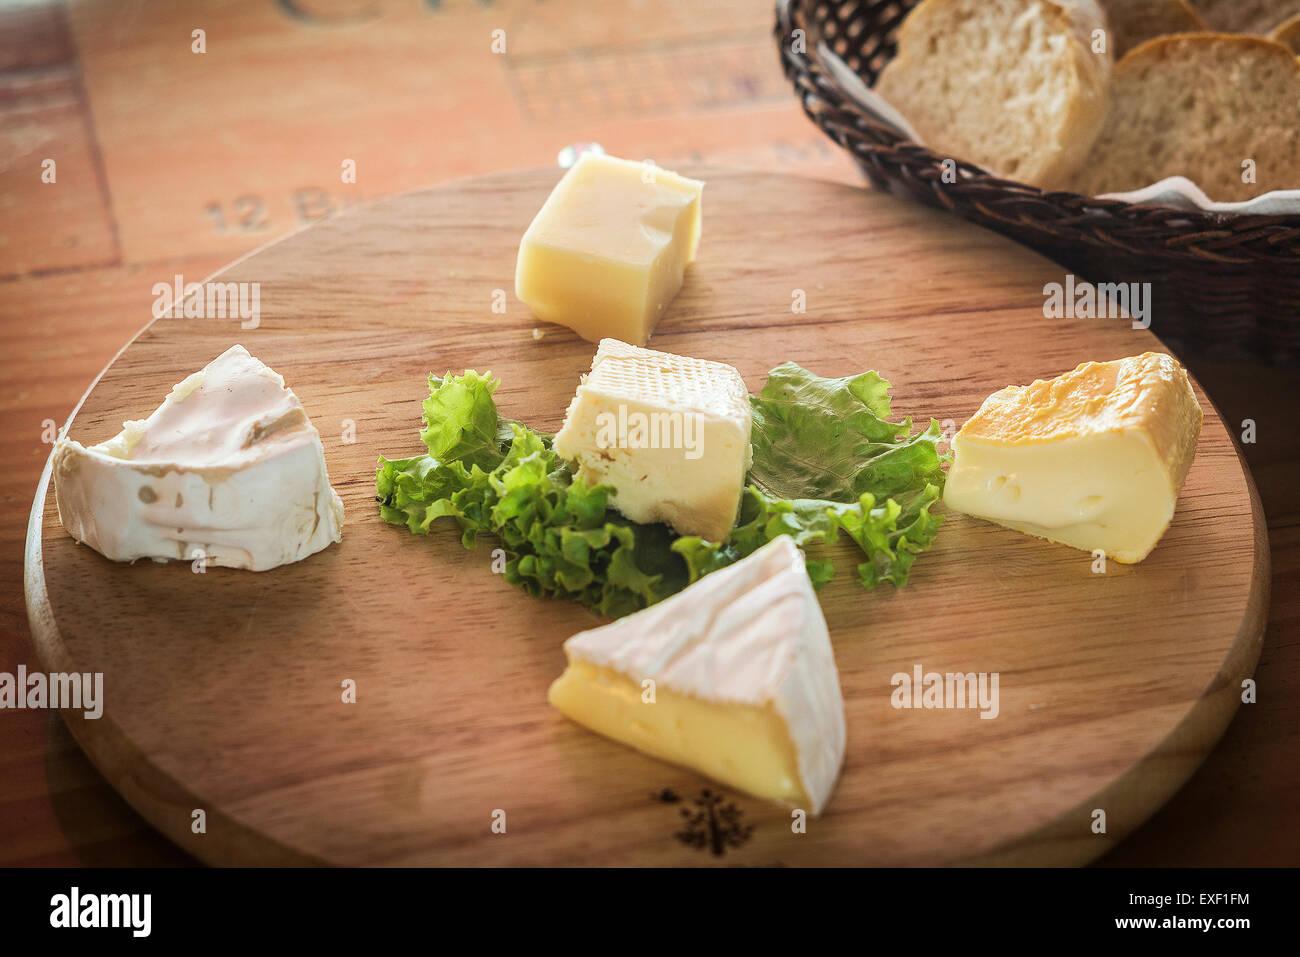 Tabla de quesos franceses tradicionales mezclados con pan Imagen De Stock